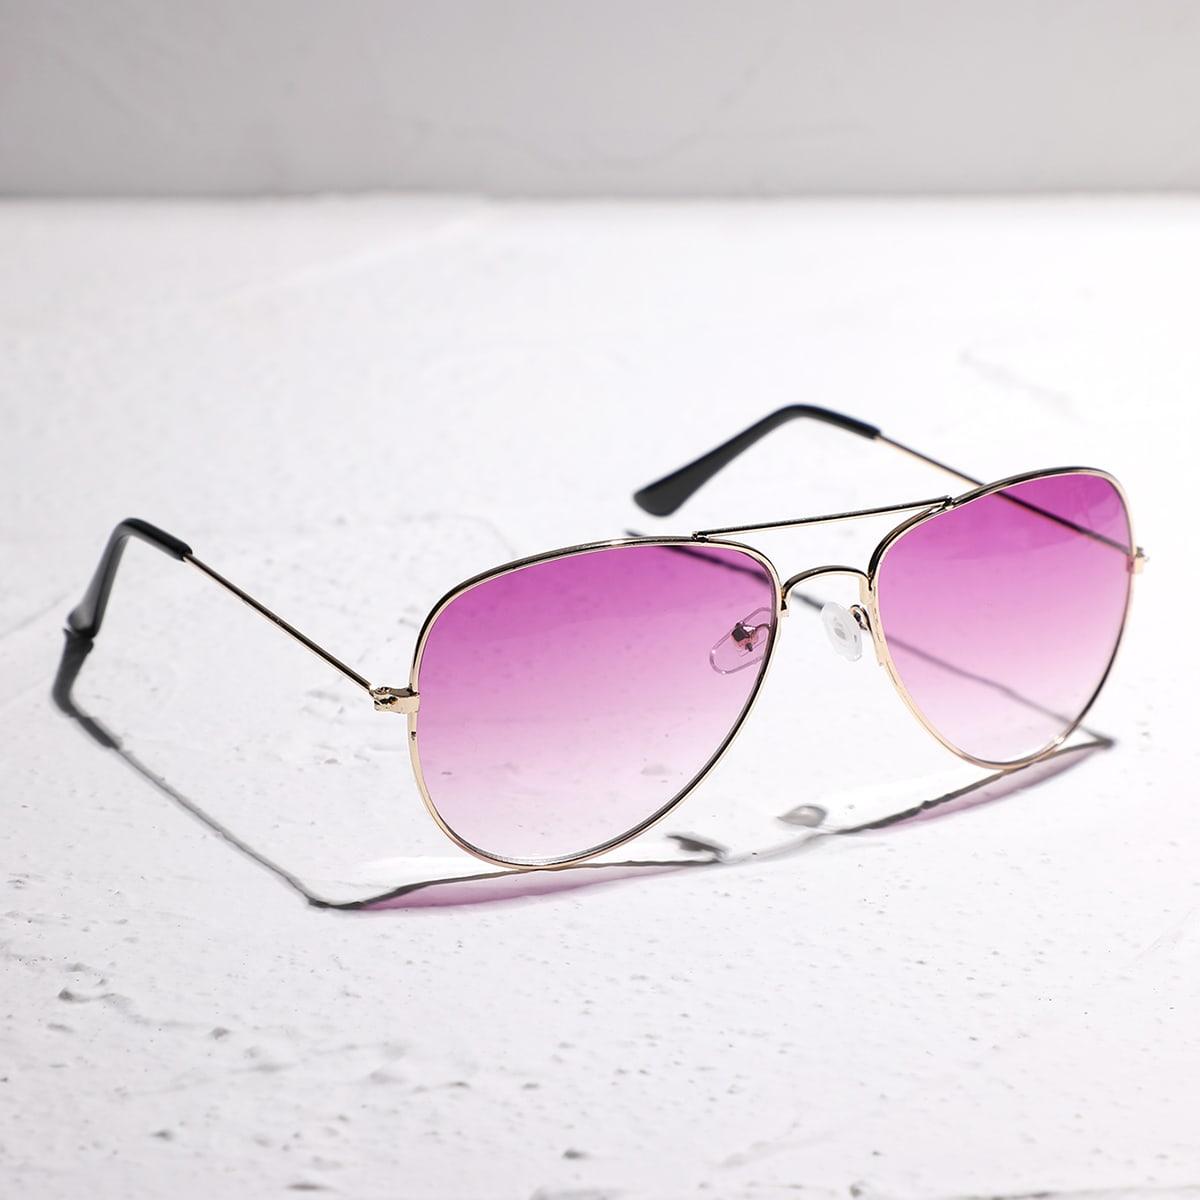 Солнцезащитные очки-авиаторы в металлической оправе